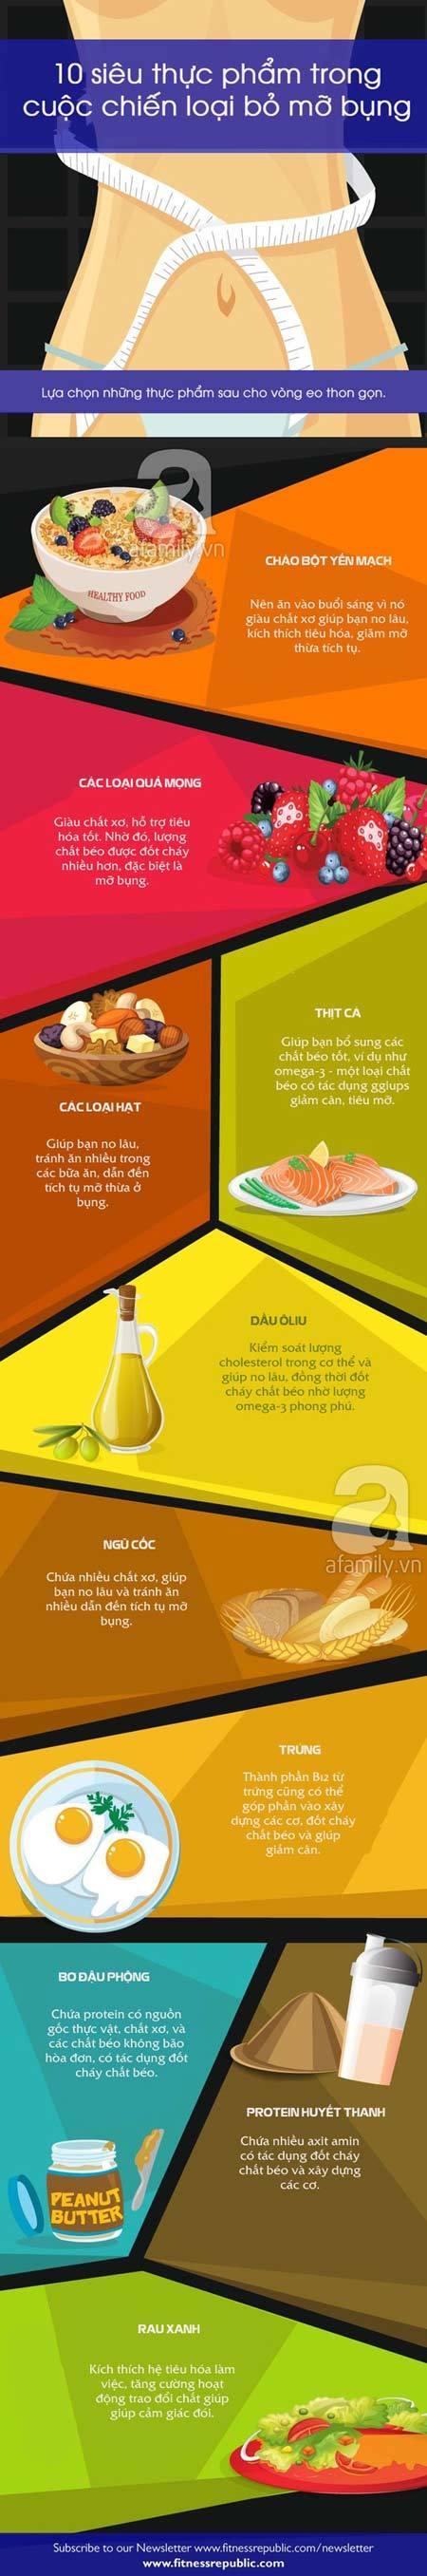 Giảm mỡ bụng lấy lại eo thon với 10 siêu thực phẩm